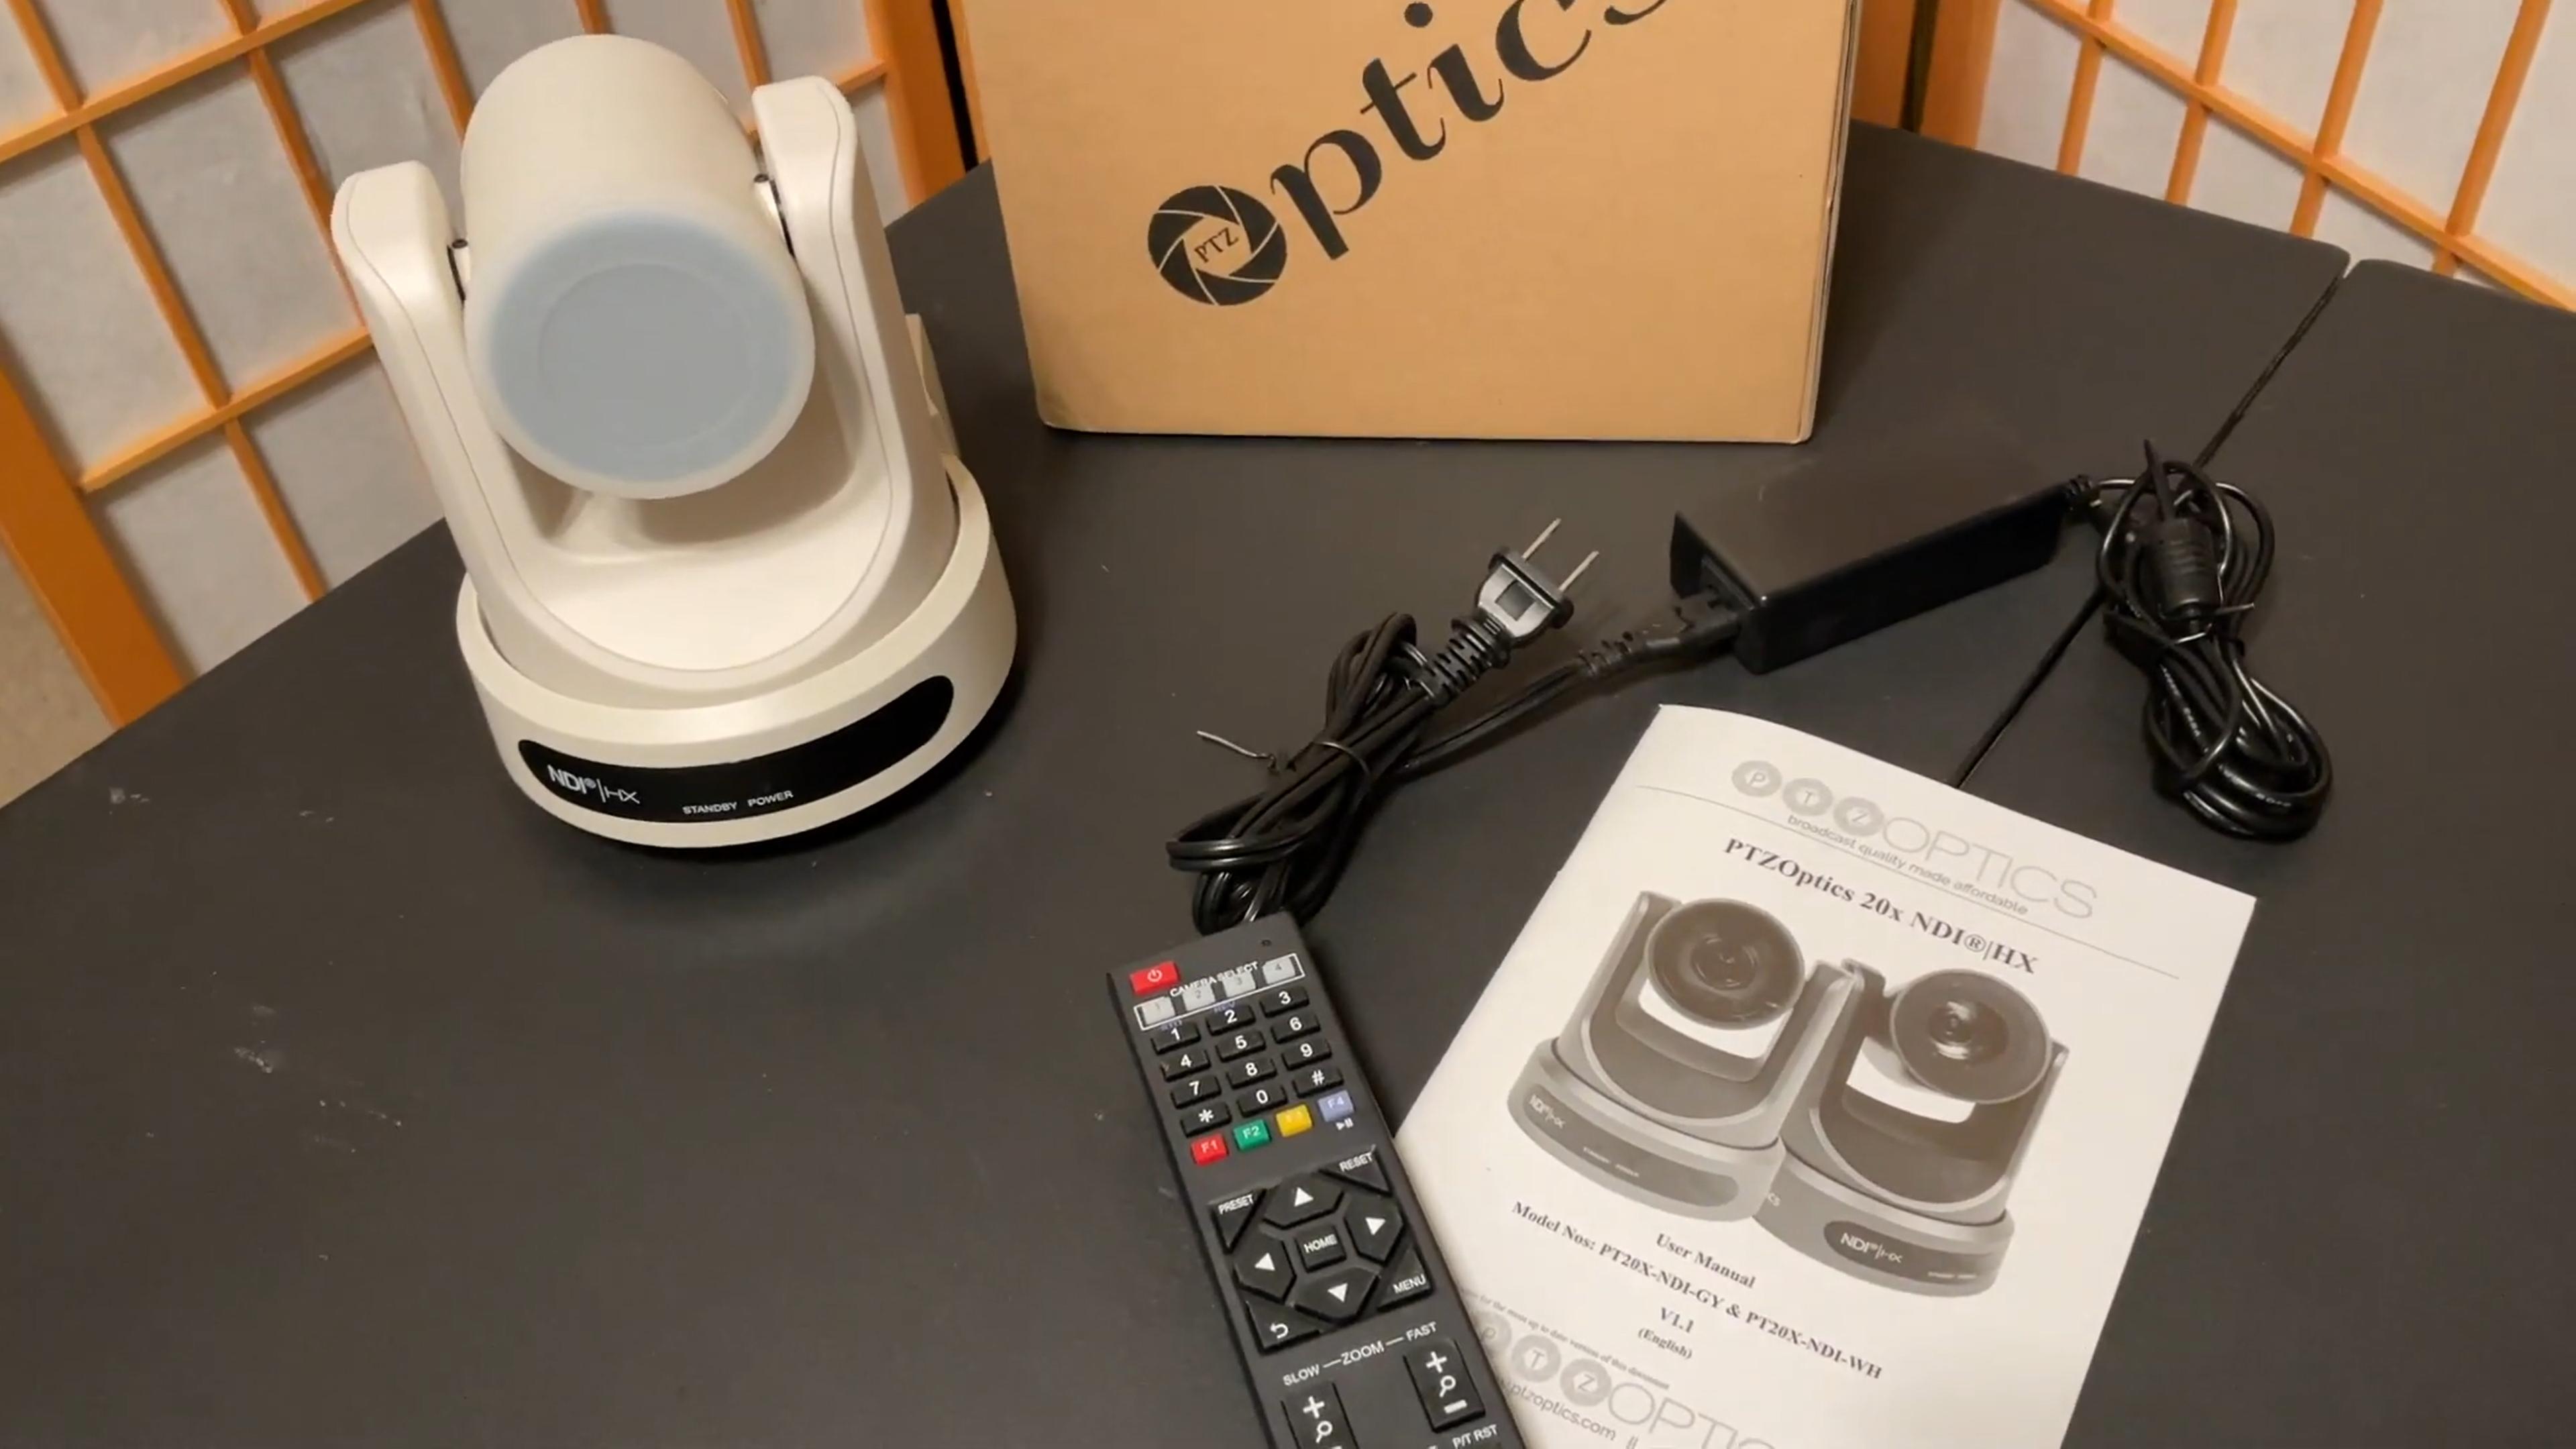 Unboxing the PTZOptics 20x NDI camera